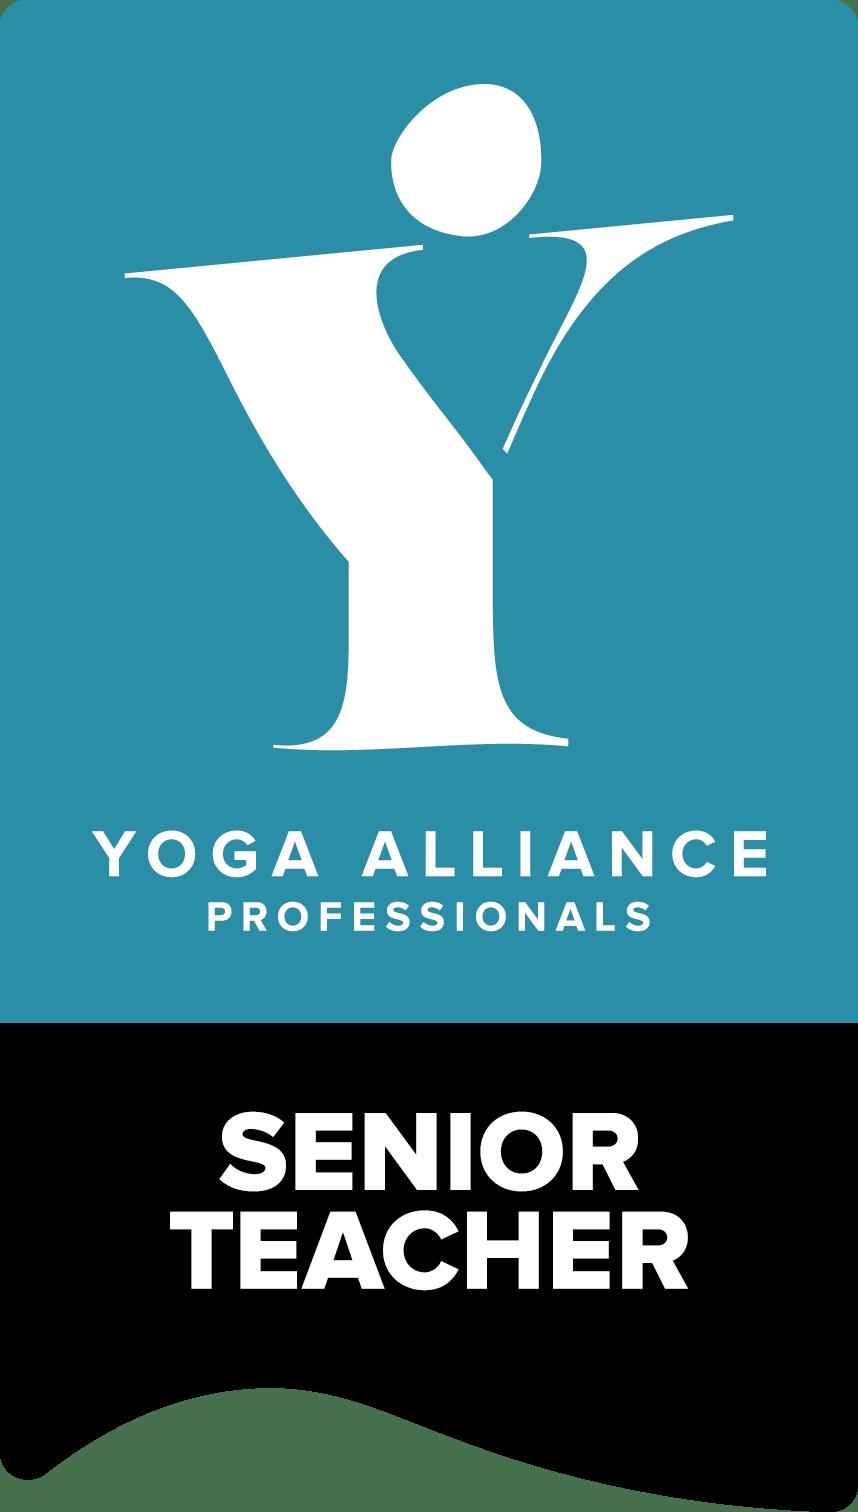 Senior Yoga Teacher